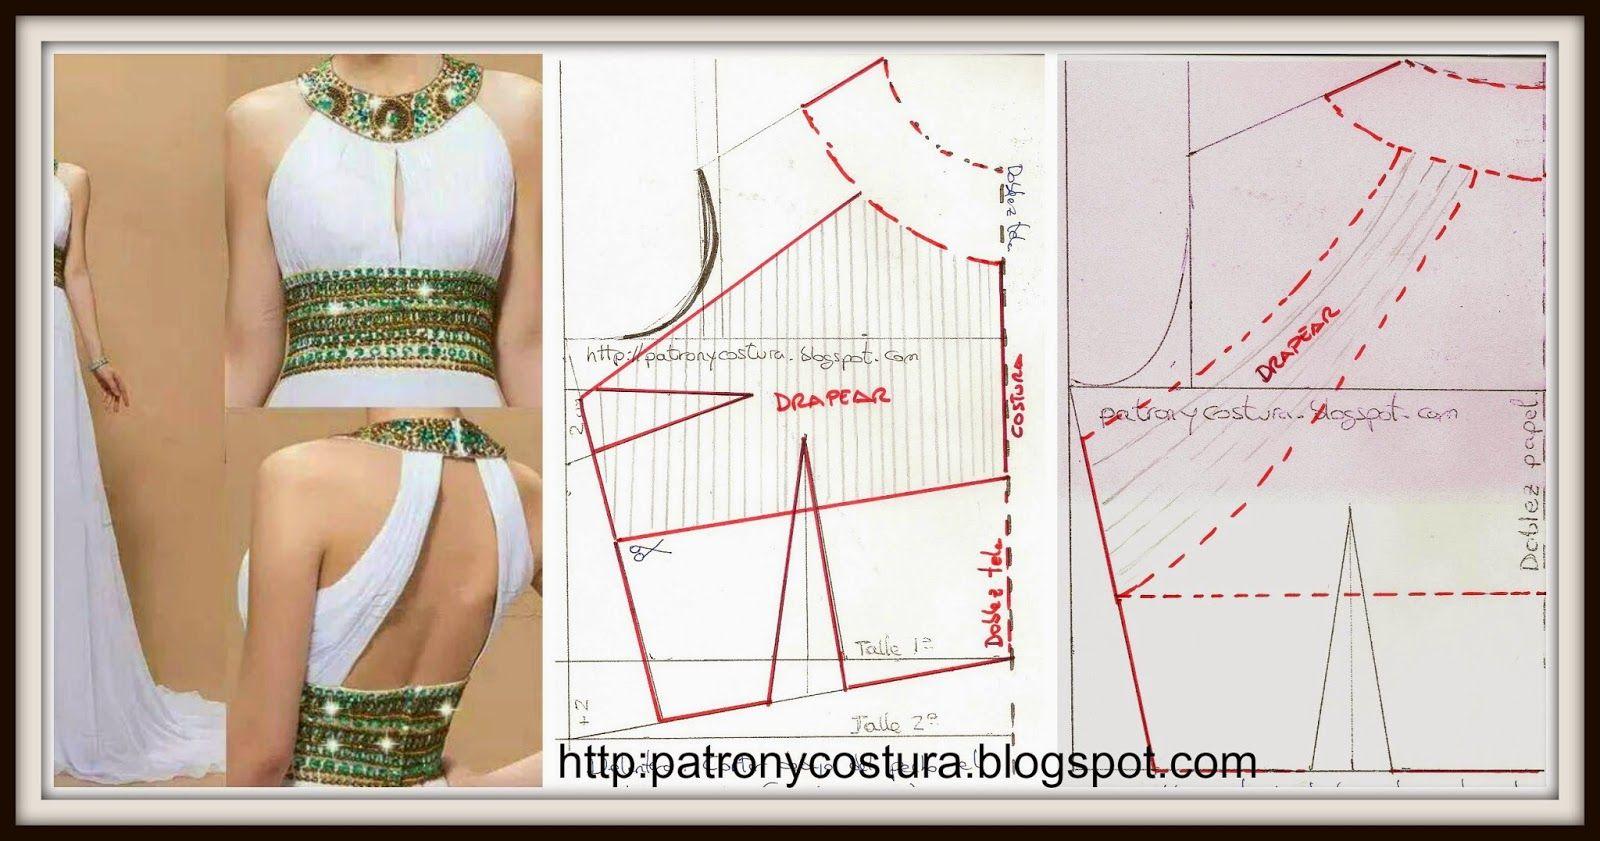 PATRÓN Y COSTURA DIY: Tema 53 Vestido cuerpo drapeado | PATRONES ...